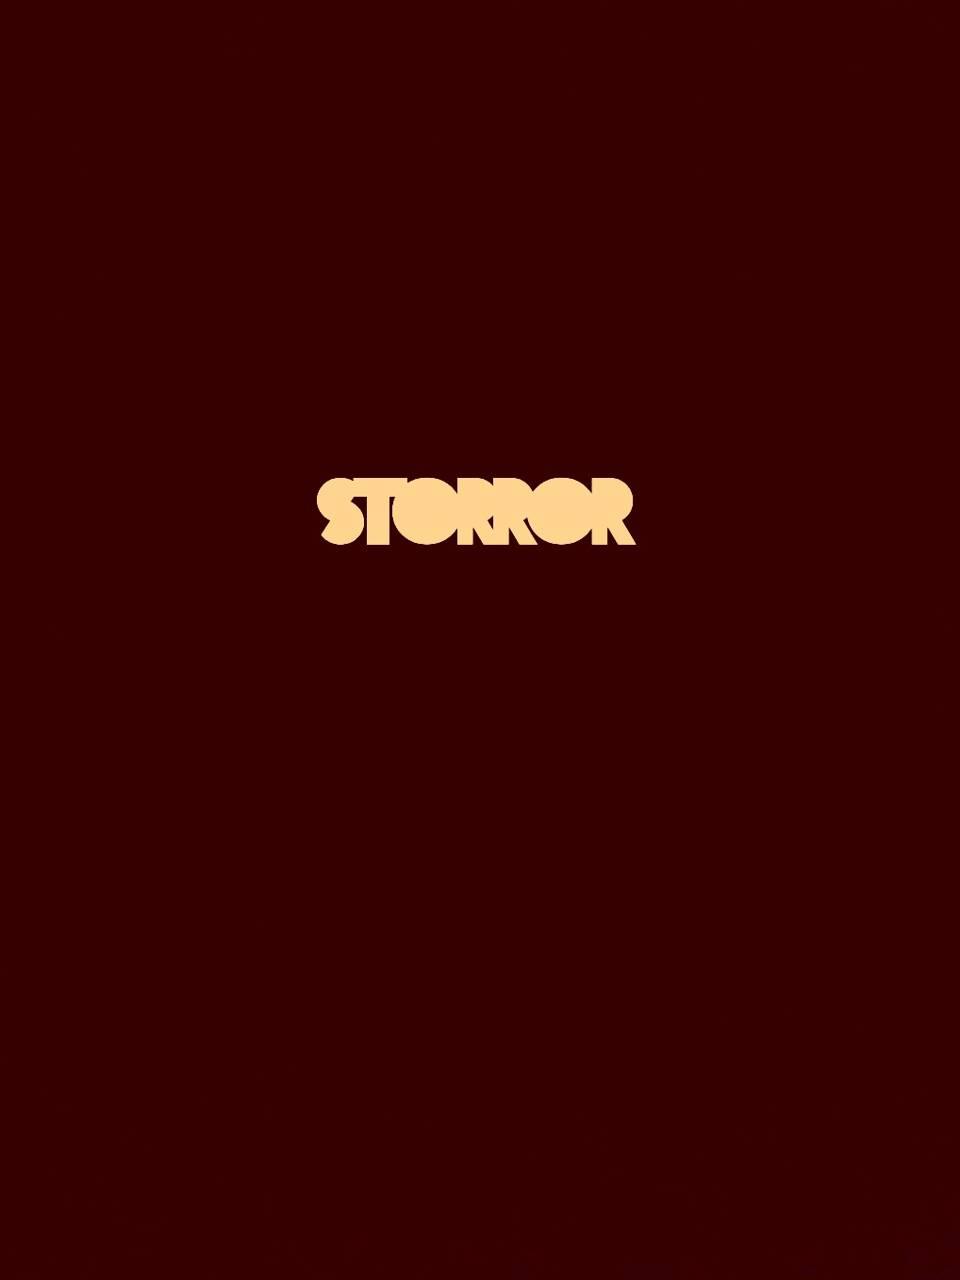 Storror